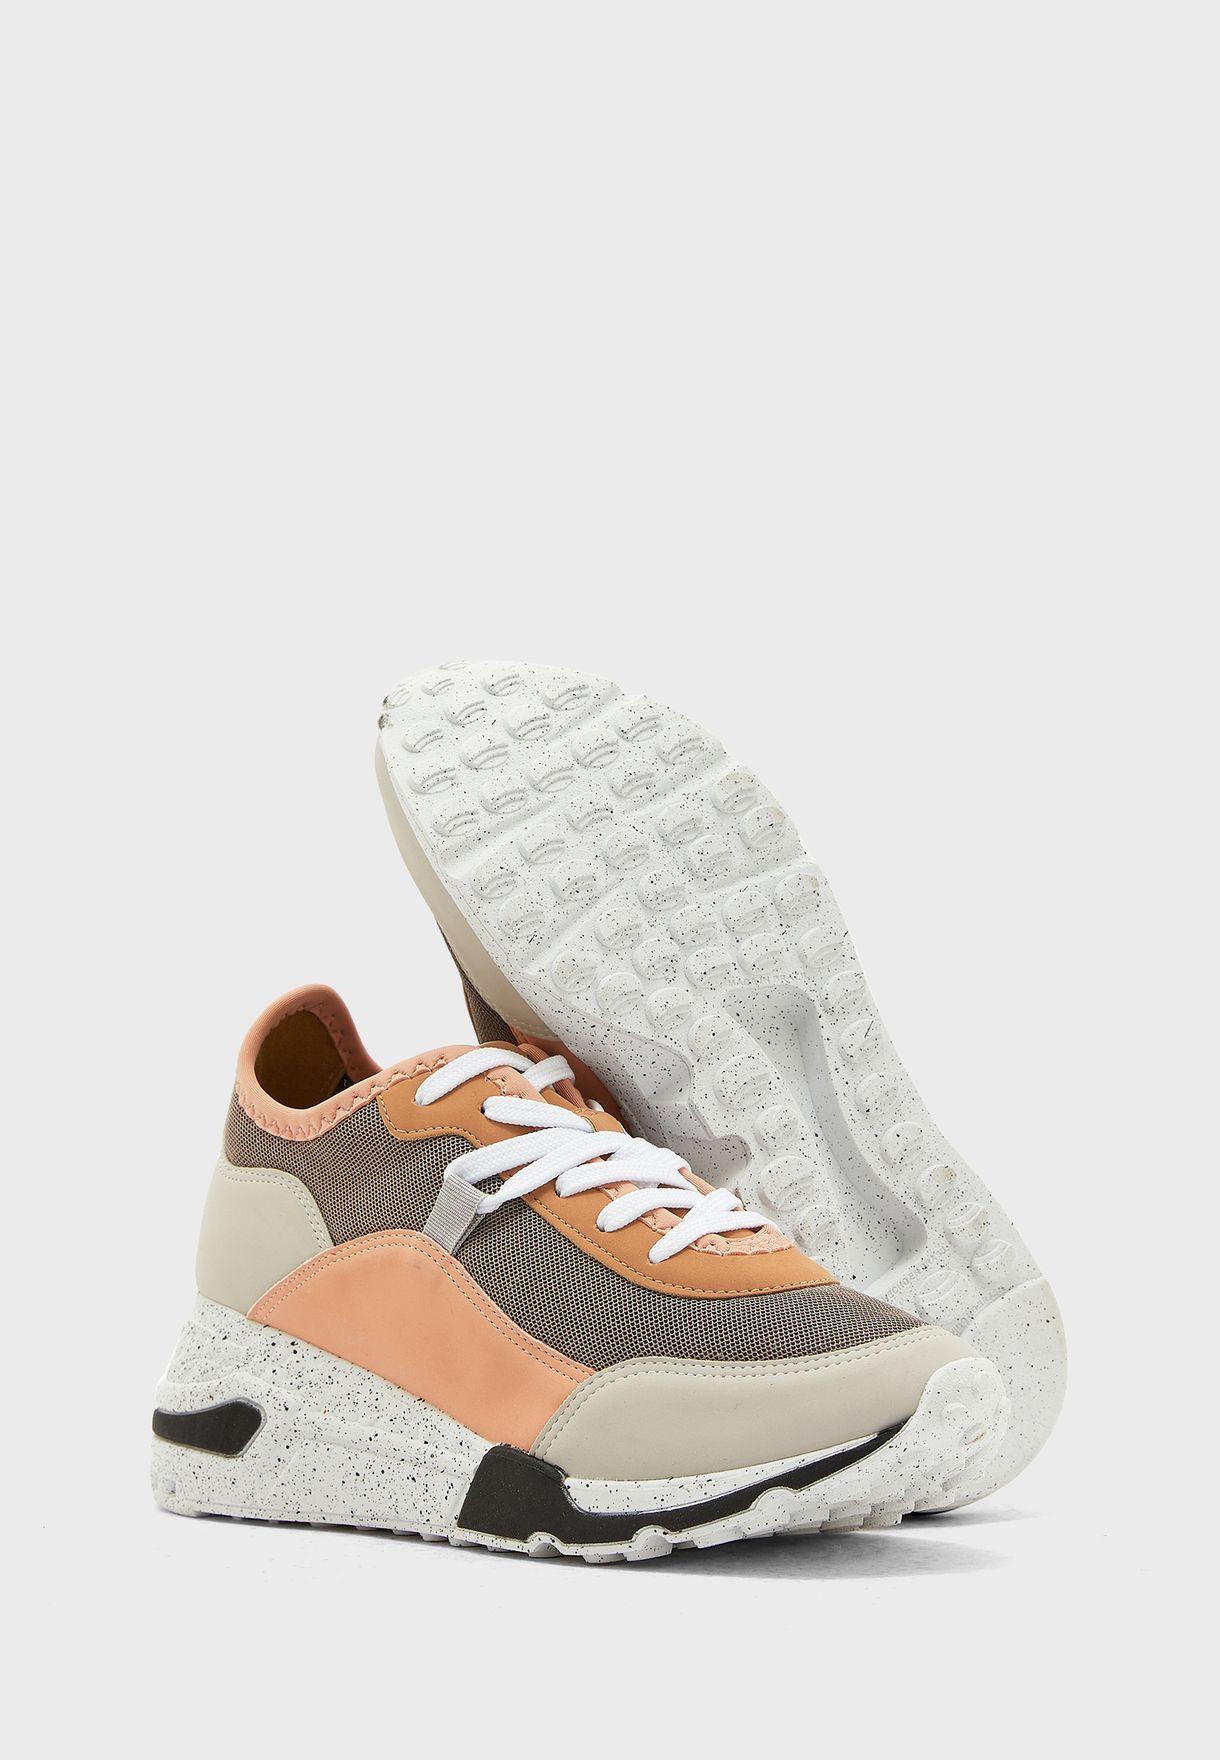 Cadorelia Low Top Sneakers